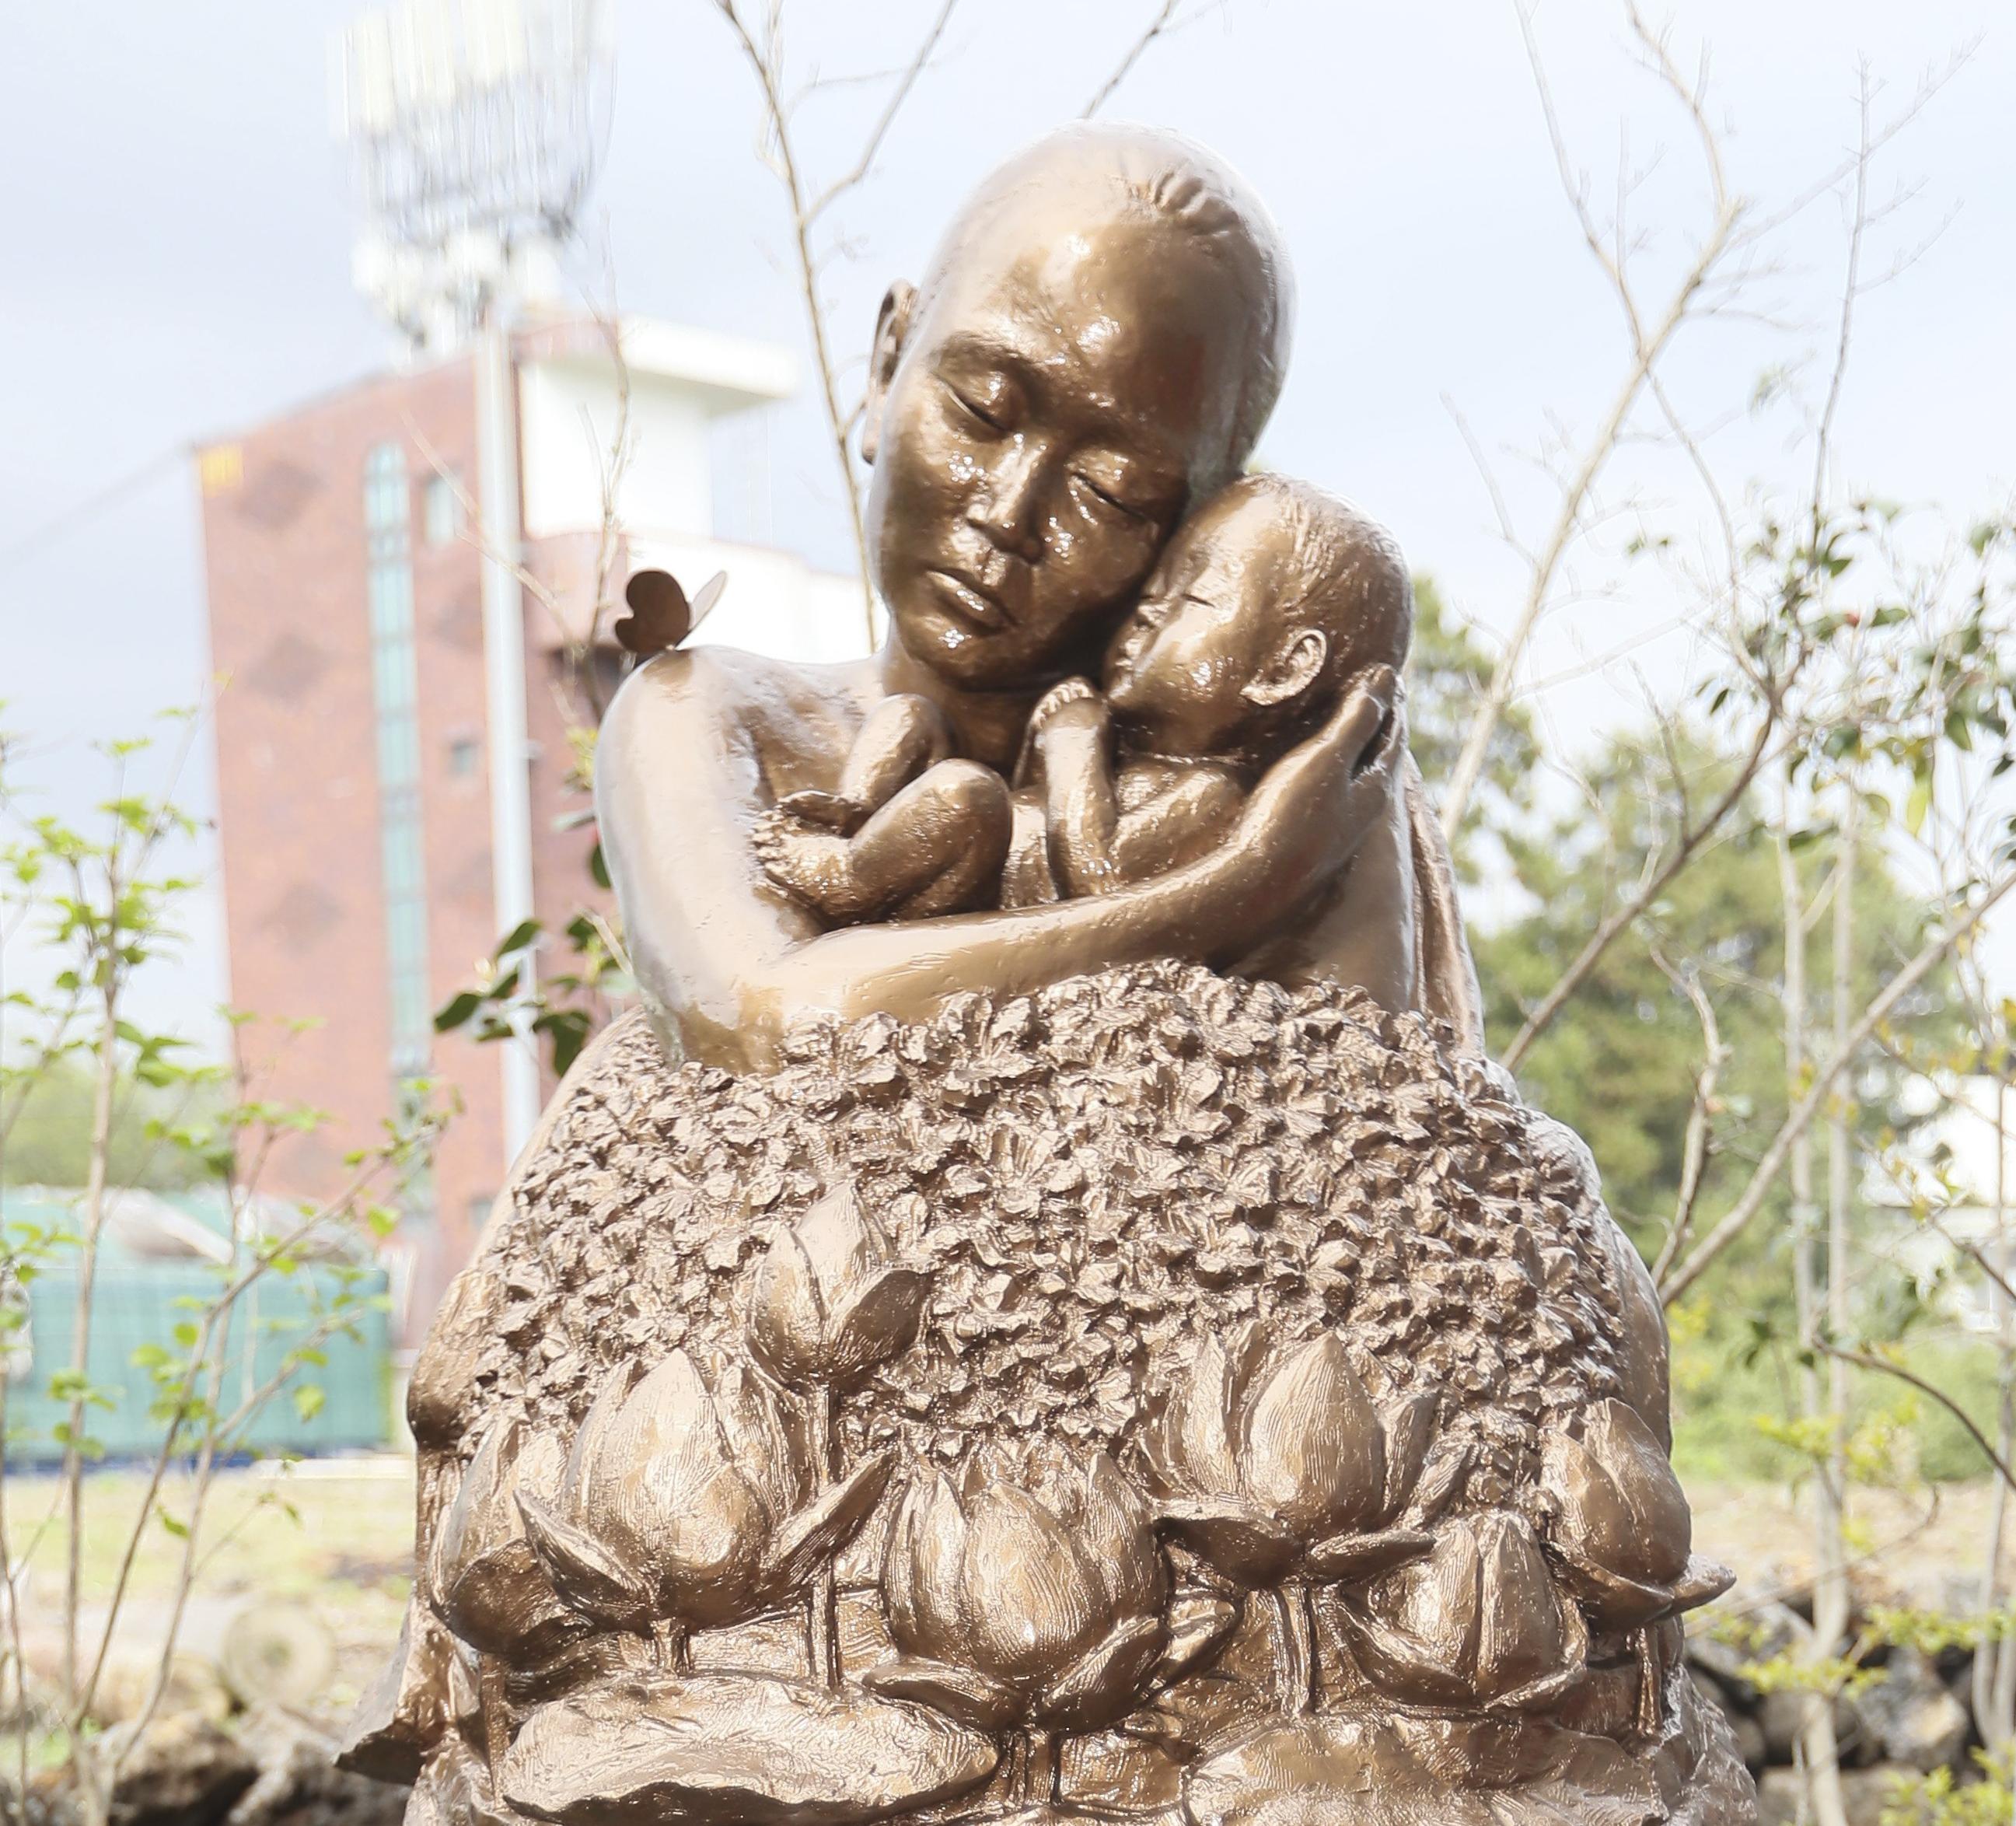 Pietá do Vietnam, na Ilha de Jeju, Coreia do Sul, no 42º aniversário do fim da Guerra do Vietnan. Criada por organizações cívicas e religiosas sul-coreanas para consolar as almas de mães e crianças vietnamitas vitimadas por soldados sul-coreanos durante a guerra.